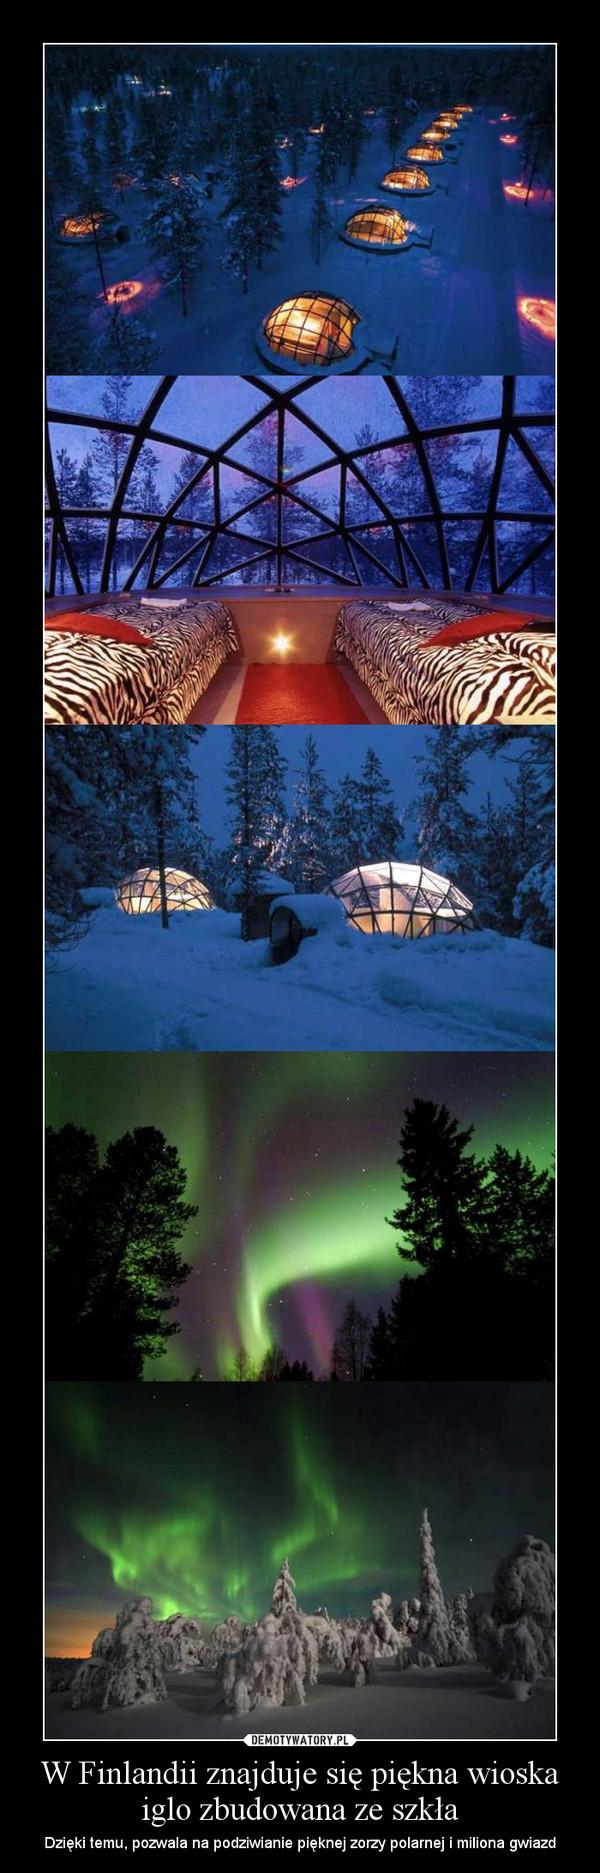 W Finlandii znajduje się piękna wioska iglo zbudowana ze szkła – Dzięki temu, pozwala na podziwianie pięknej zorzy polarnej i miliona gwiazd